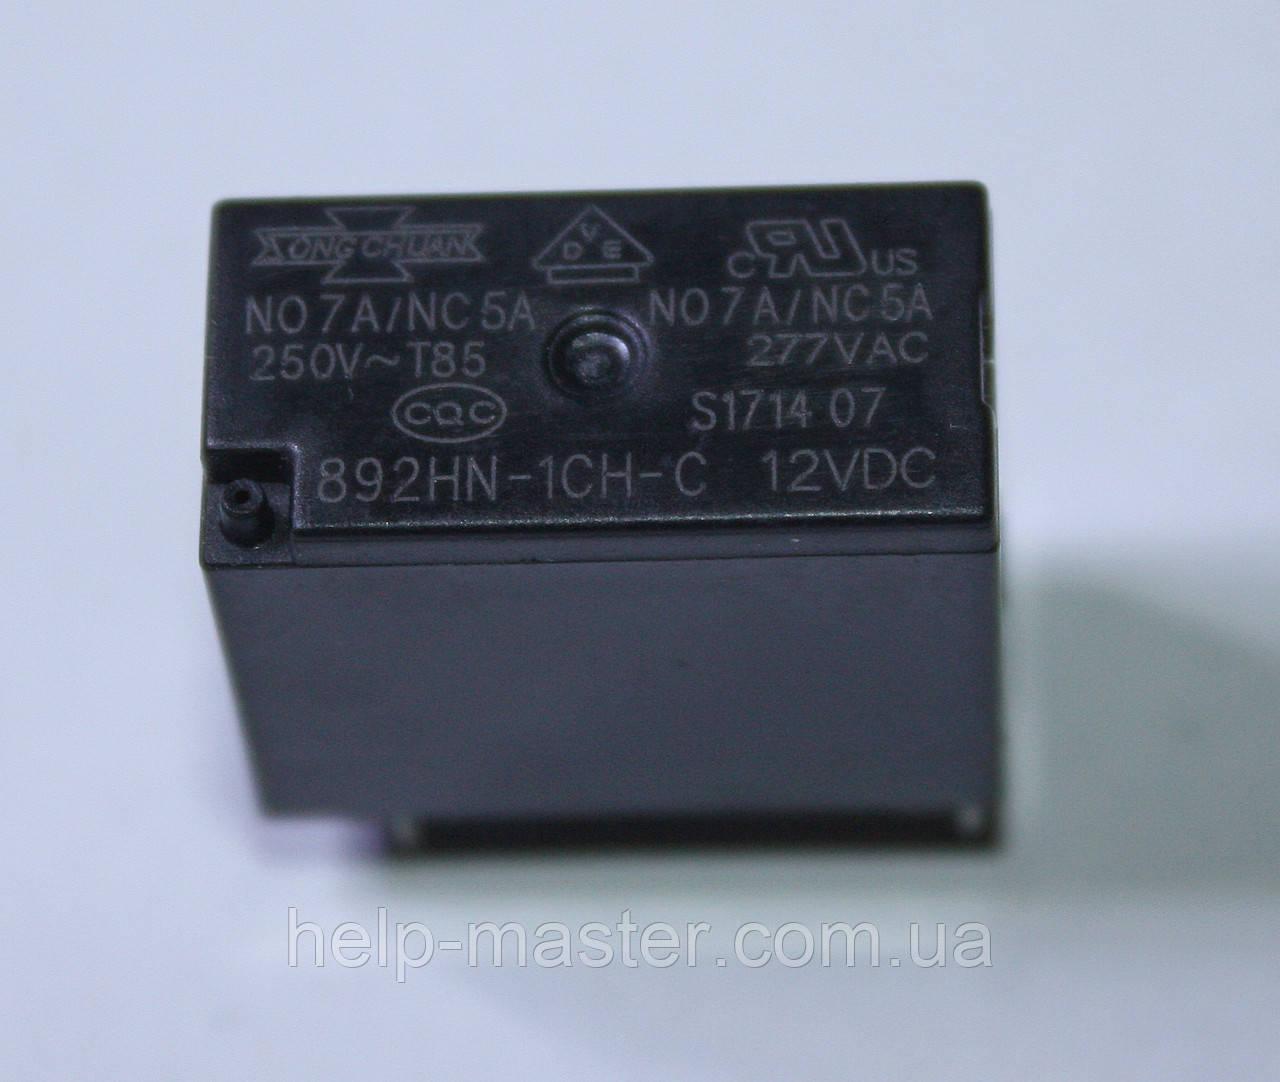 Реле 892HN-1CH-C; 12VDC